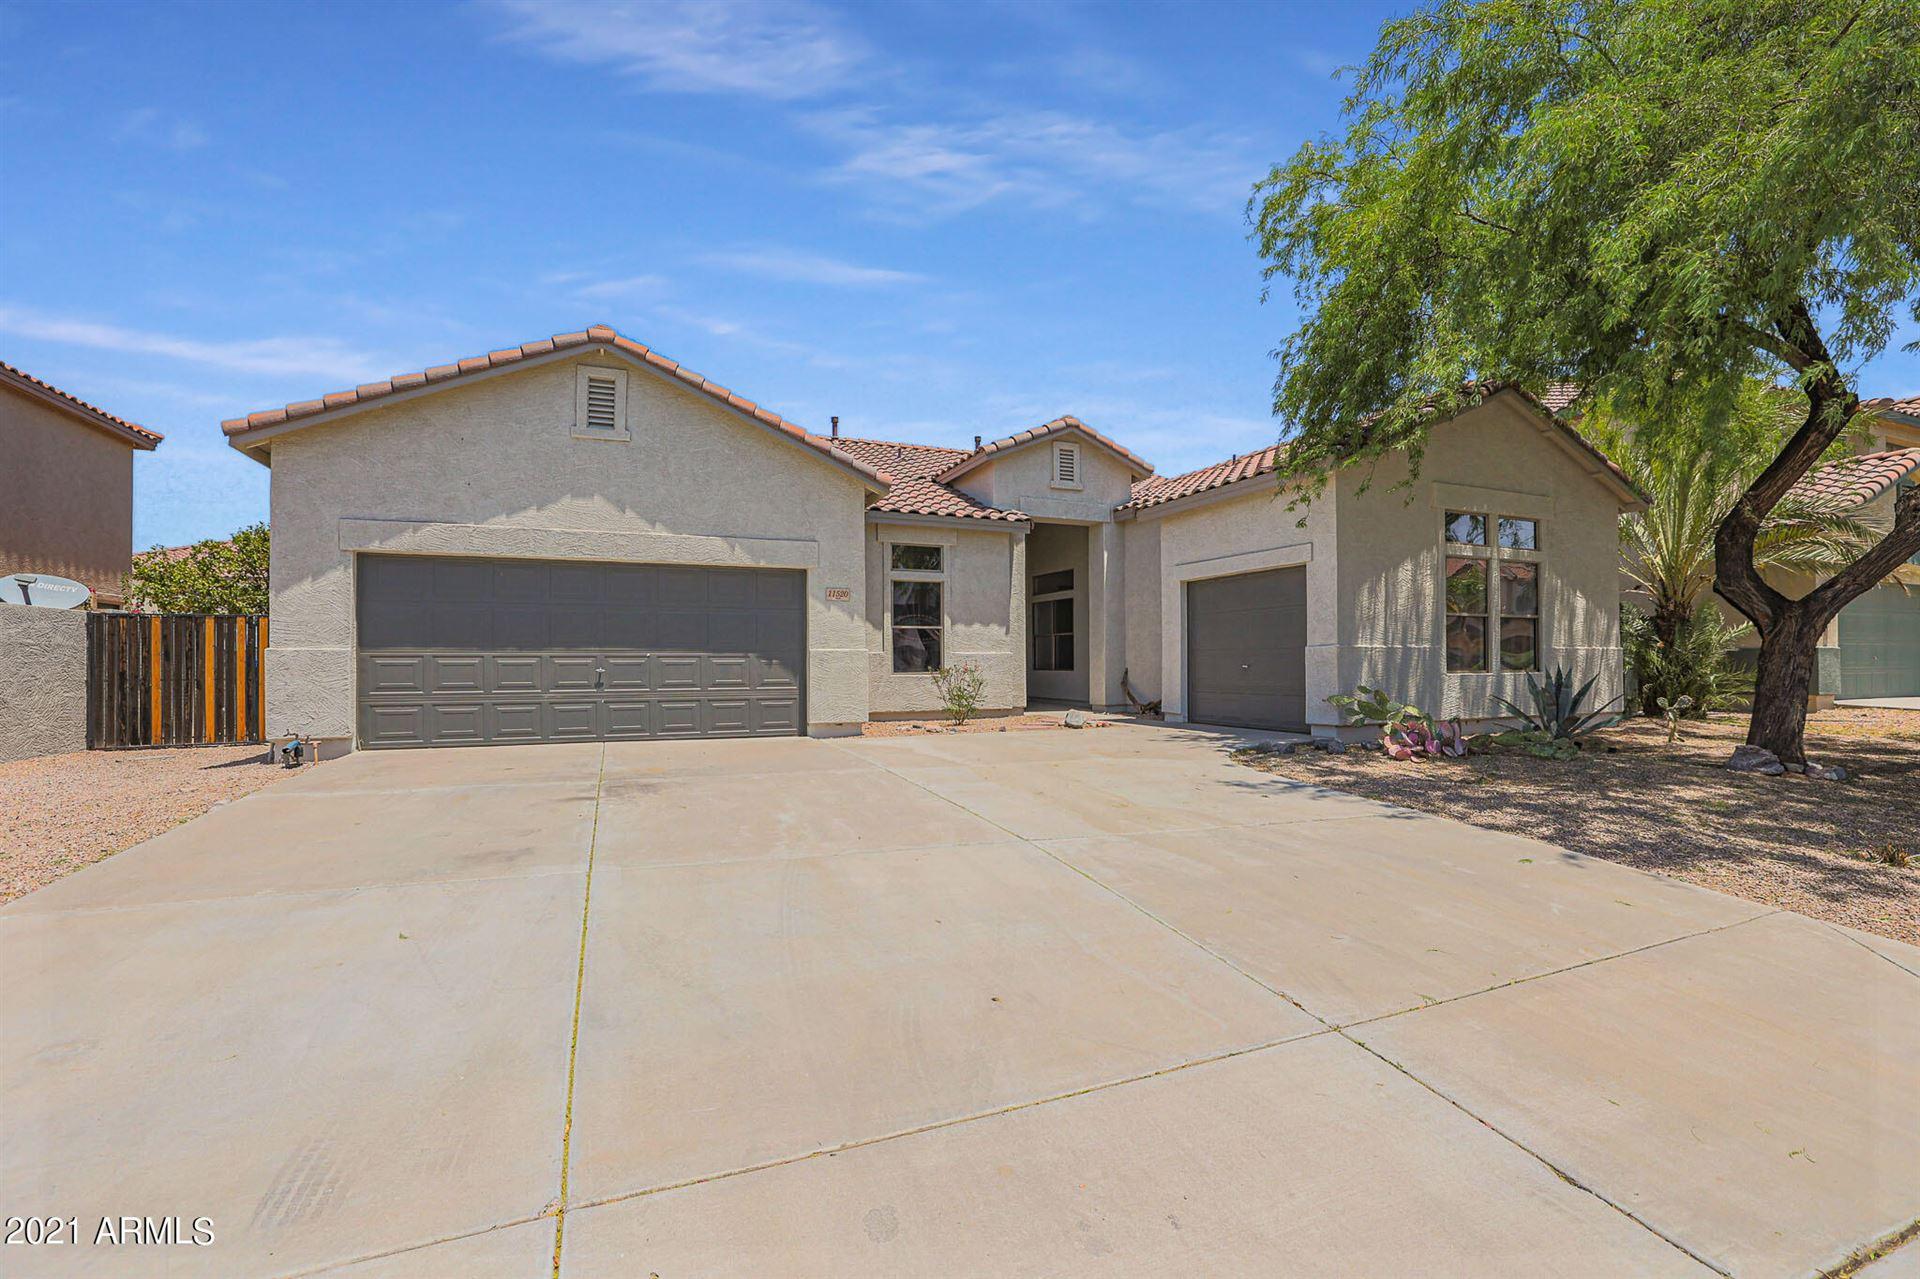 11520 E QUINTANA Avenue, Mesa, AZ 85212 - MLS#: 6255908